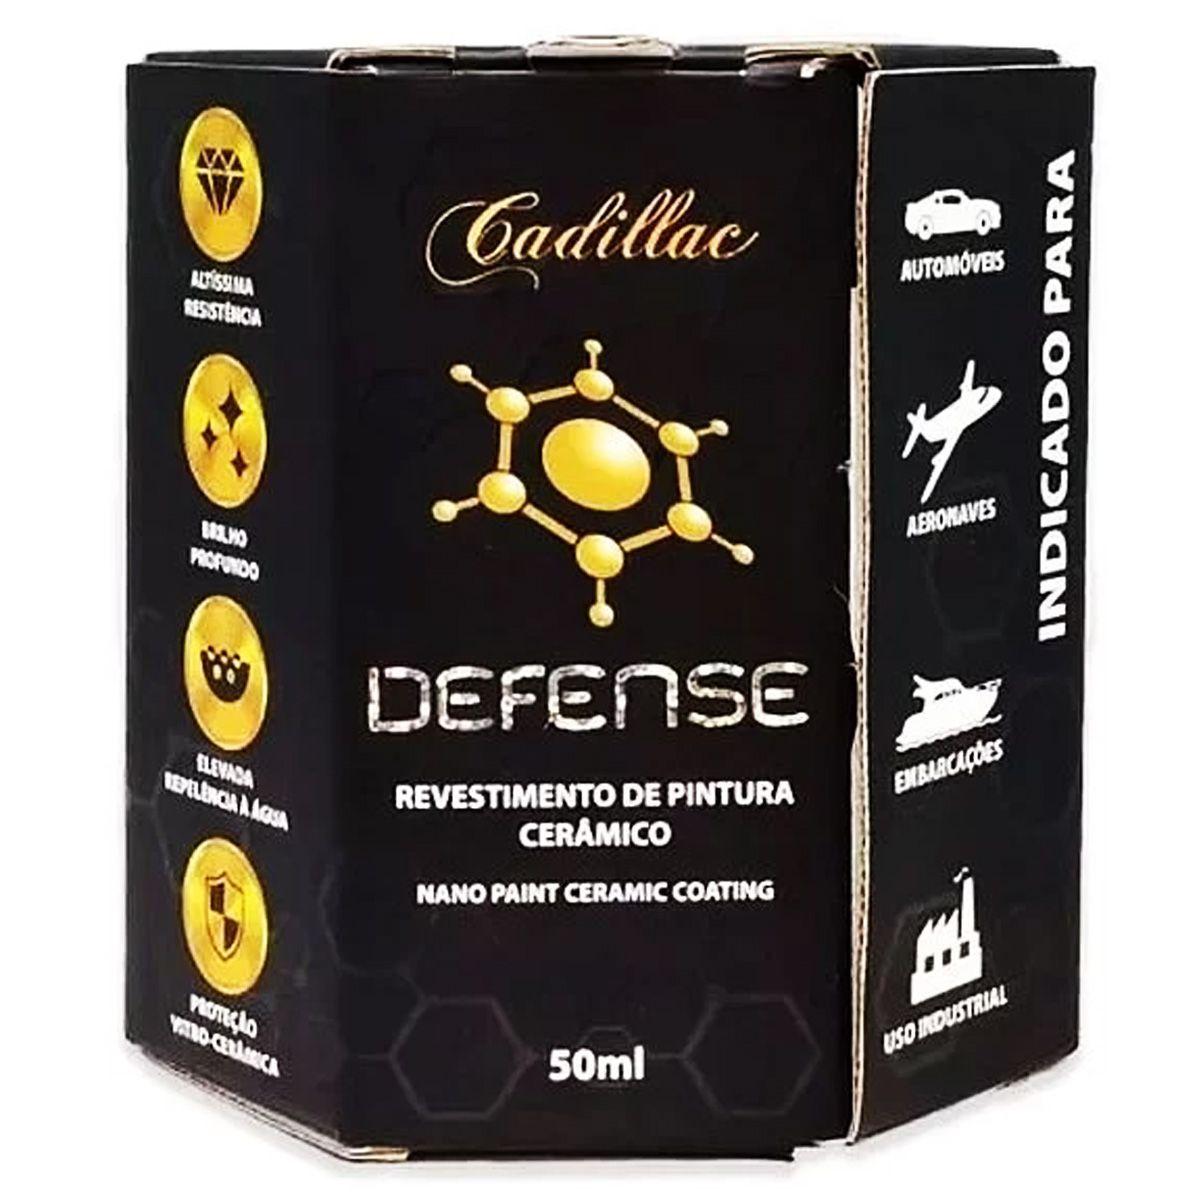 Vitrificador de Pintura Cerâmico Defense 50ml Cadillac